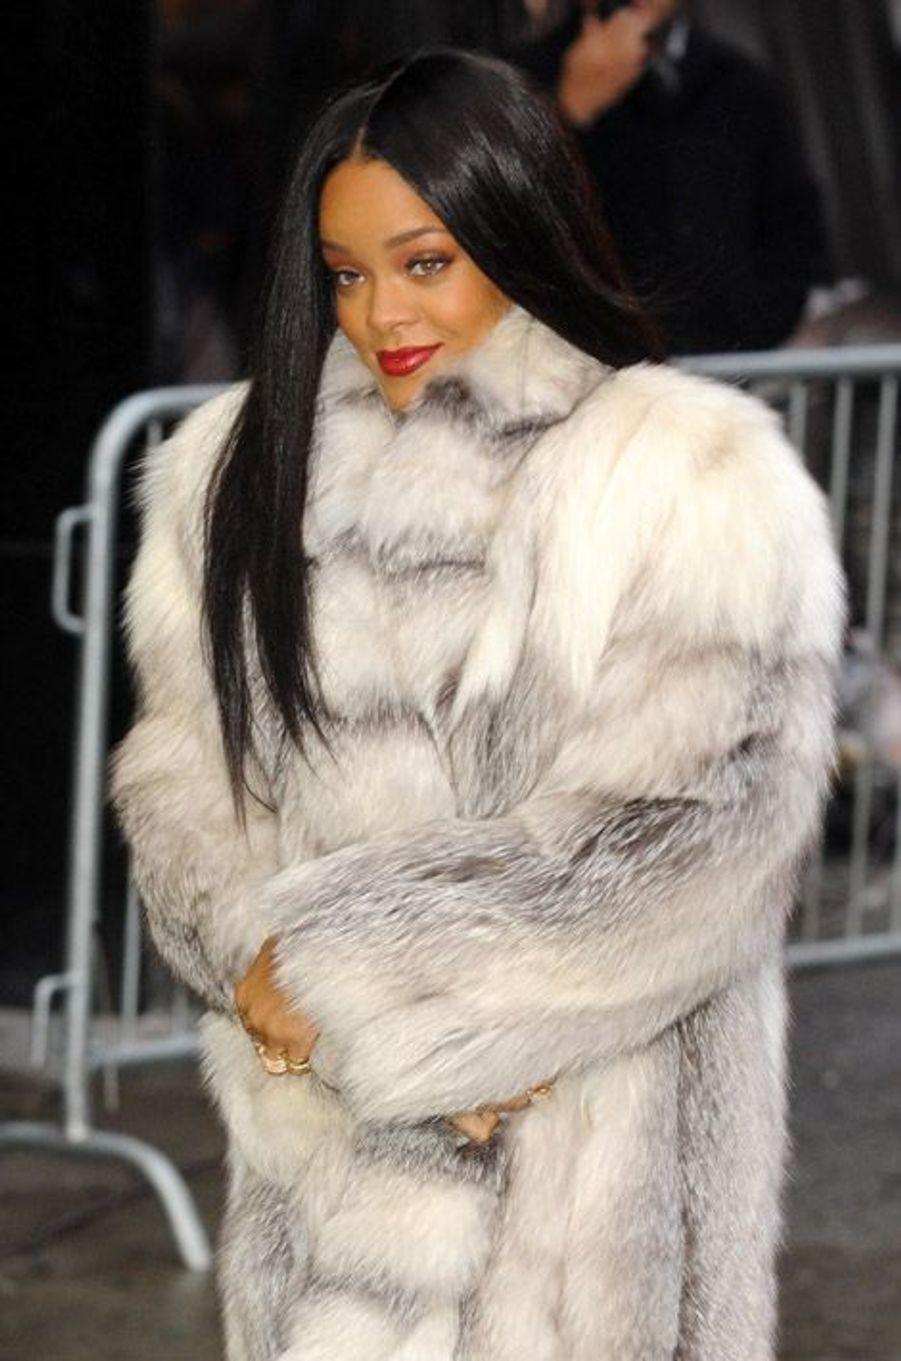 La chanteuse Rihanna arrive sur le plaeau de l'émission américaine Good Morning America, à New York,le 29 janvier 2014